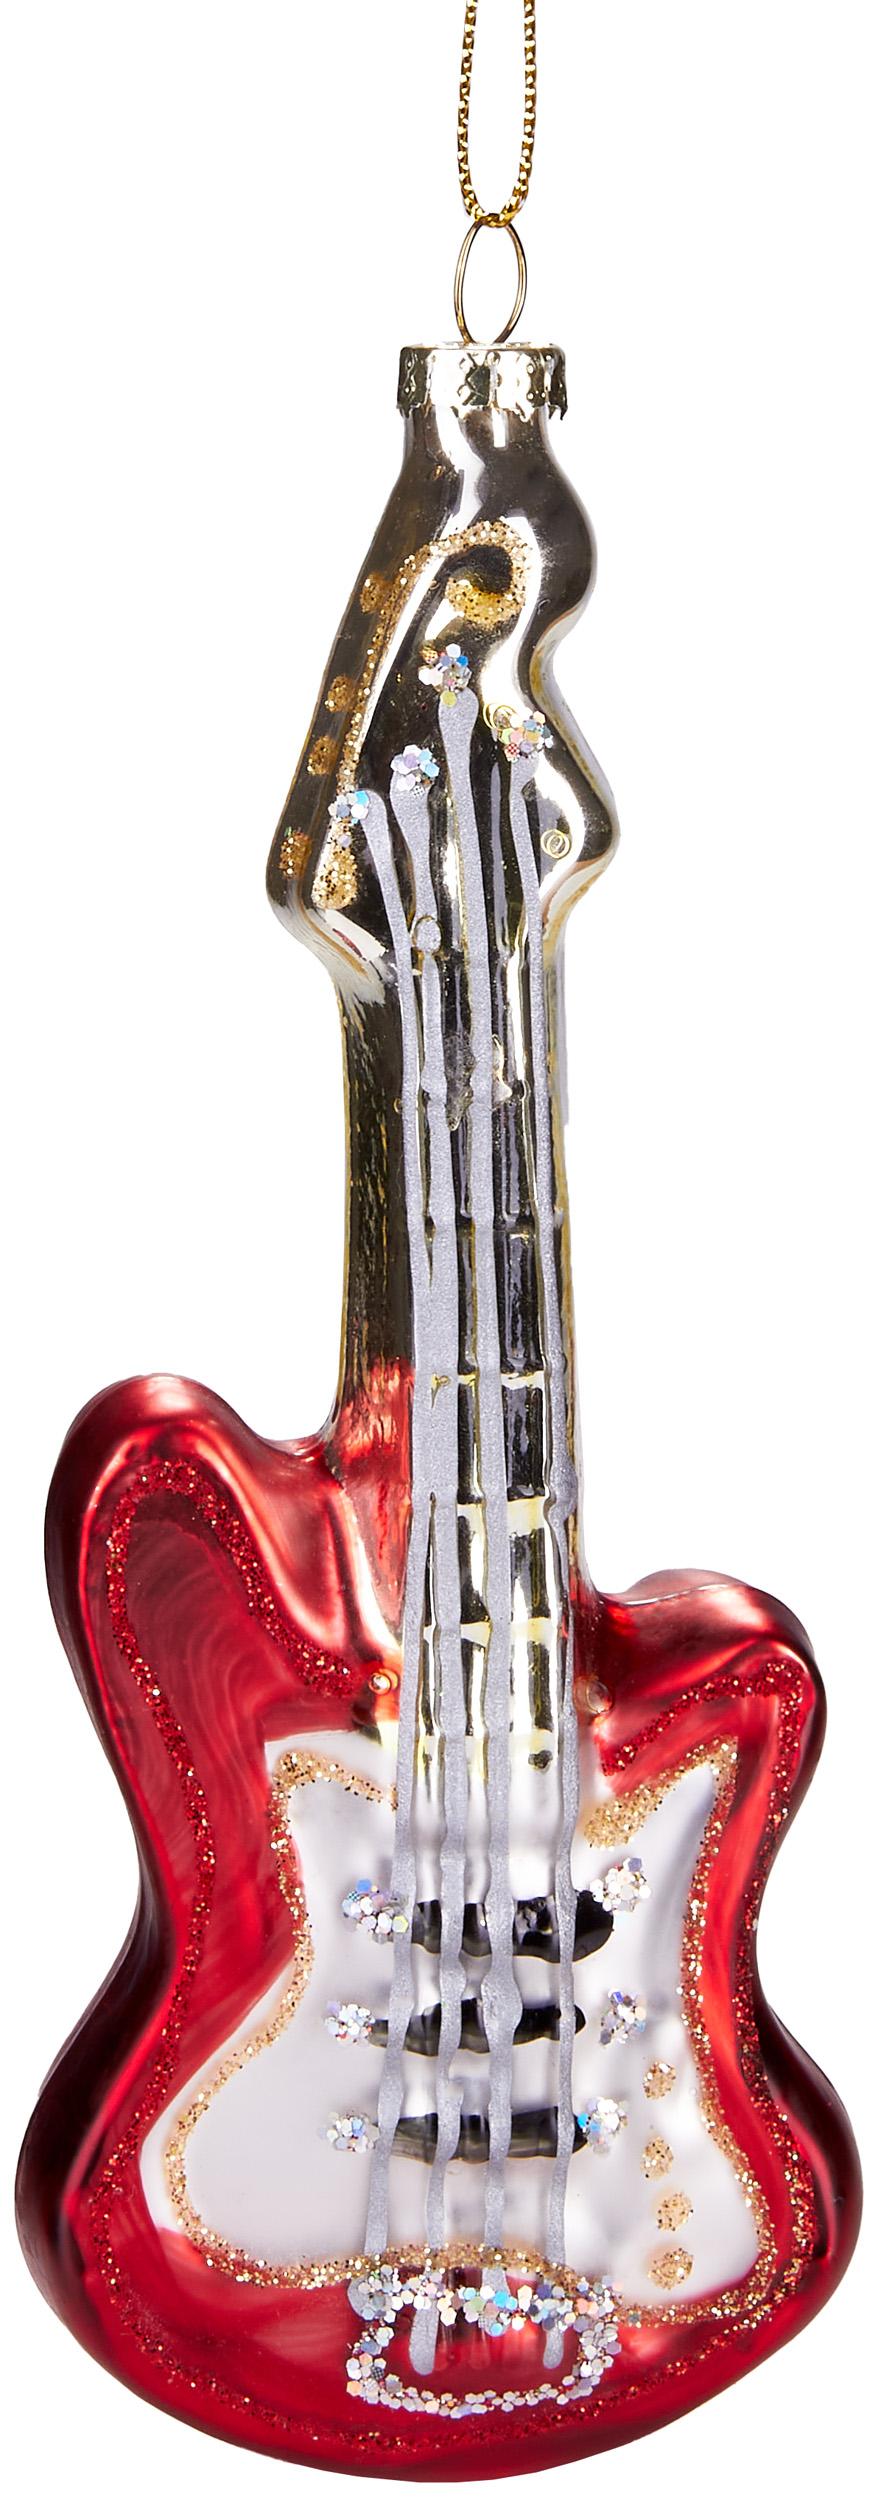 Gitarre Christbaumschmuck Musikinstrument Christbaumkugel rot